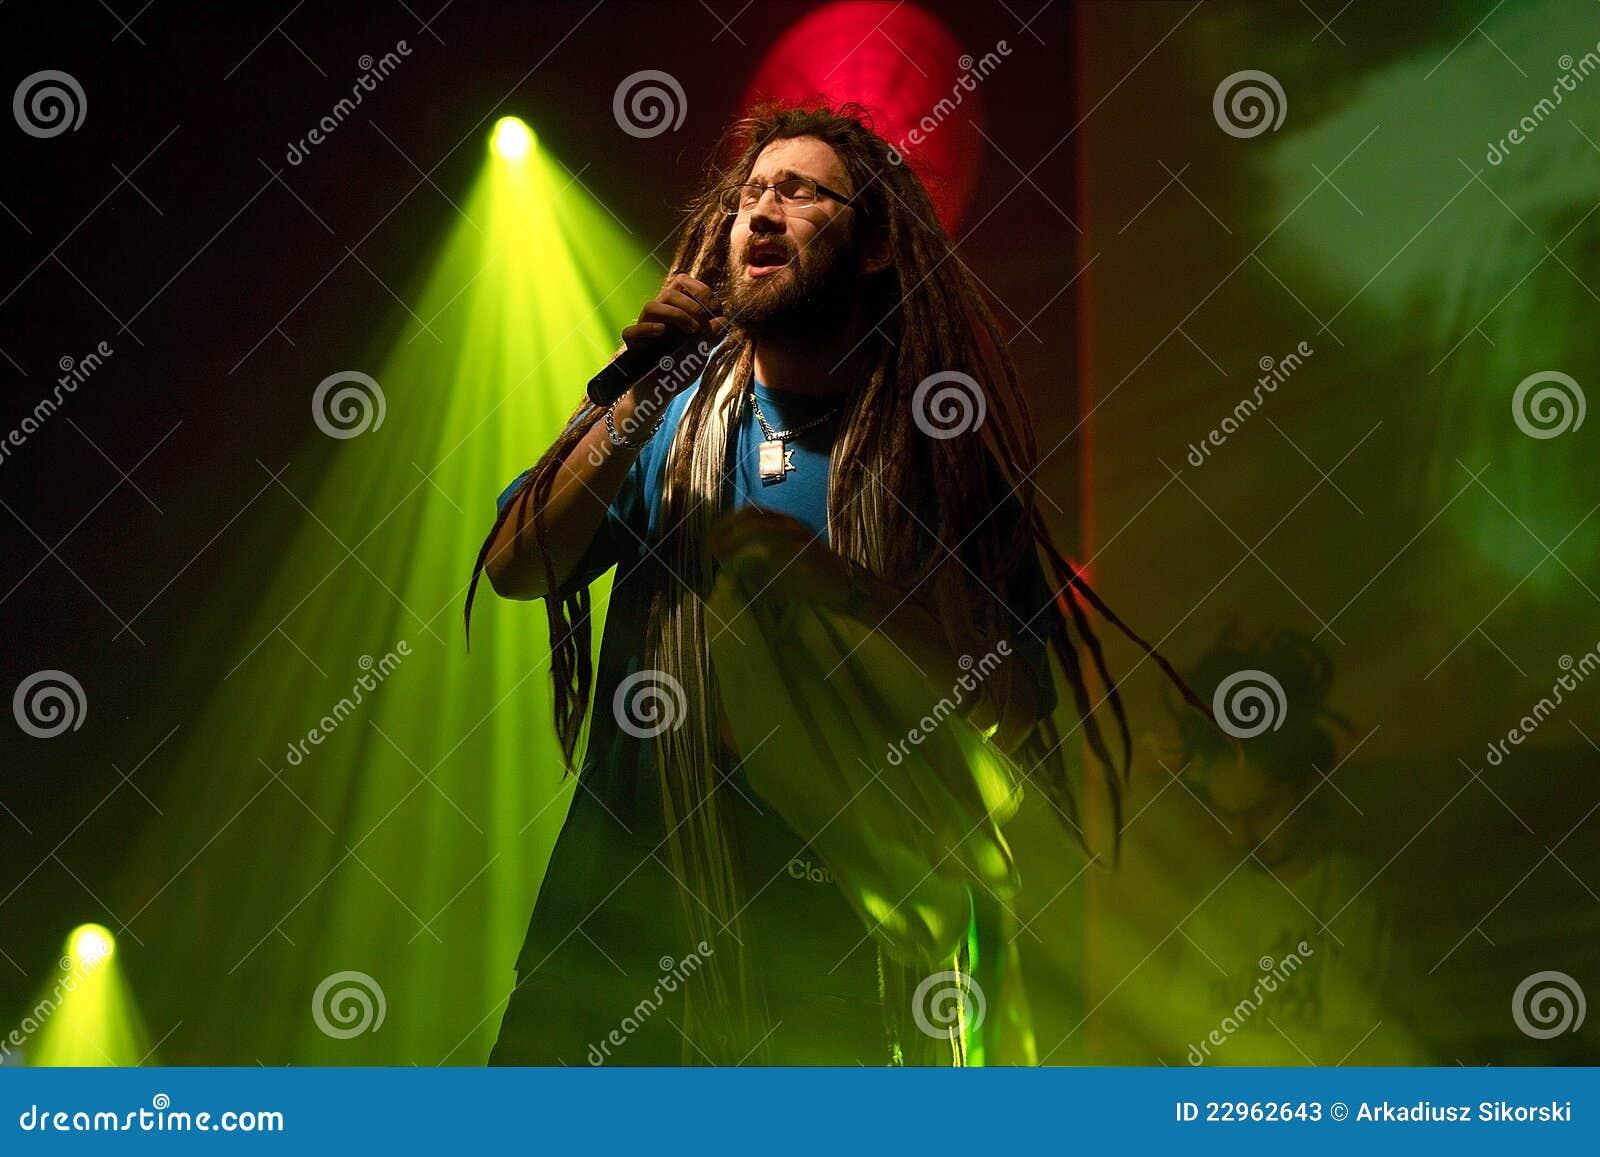 EastWest Rockers / Ras Luta - Adam Tersa